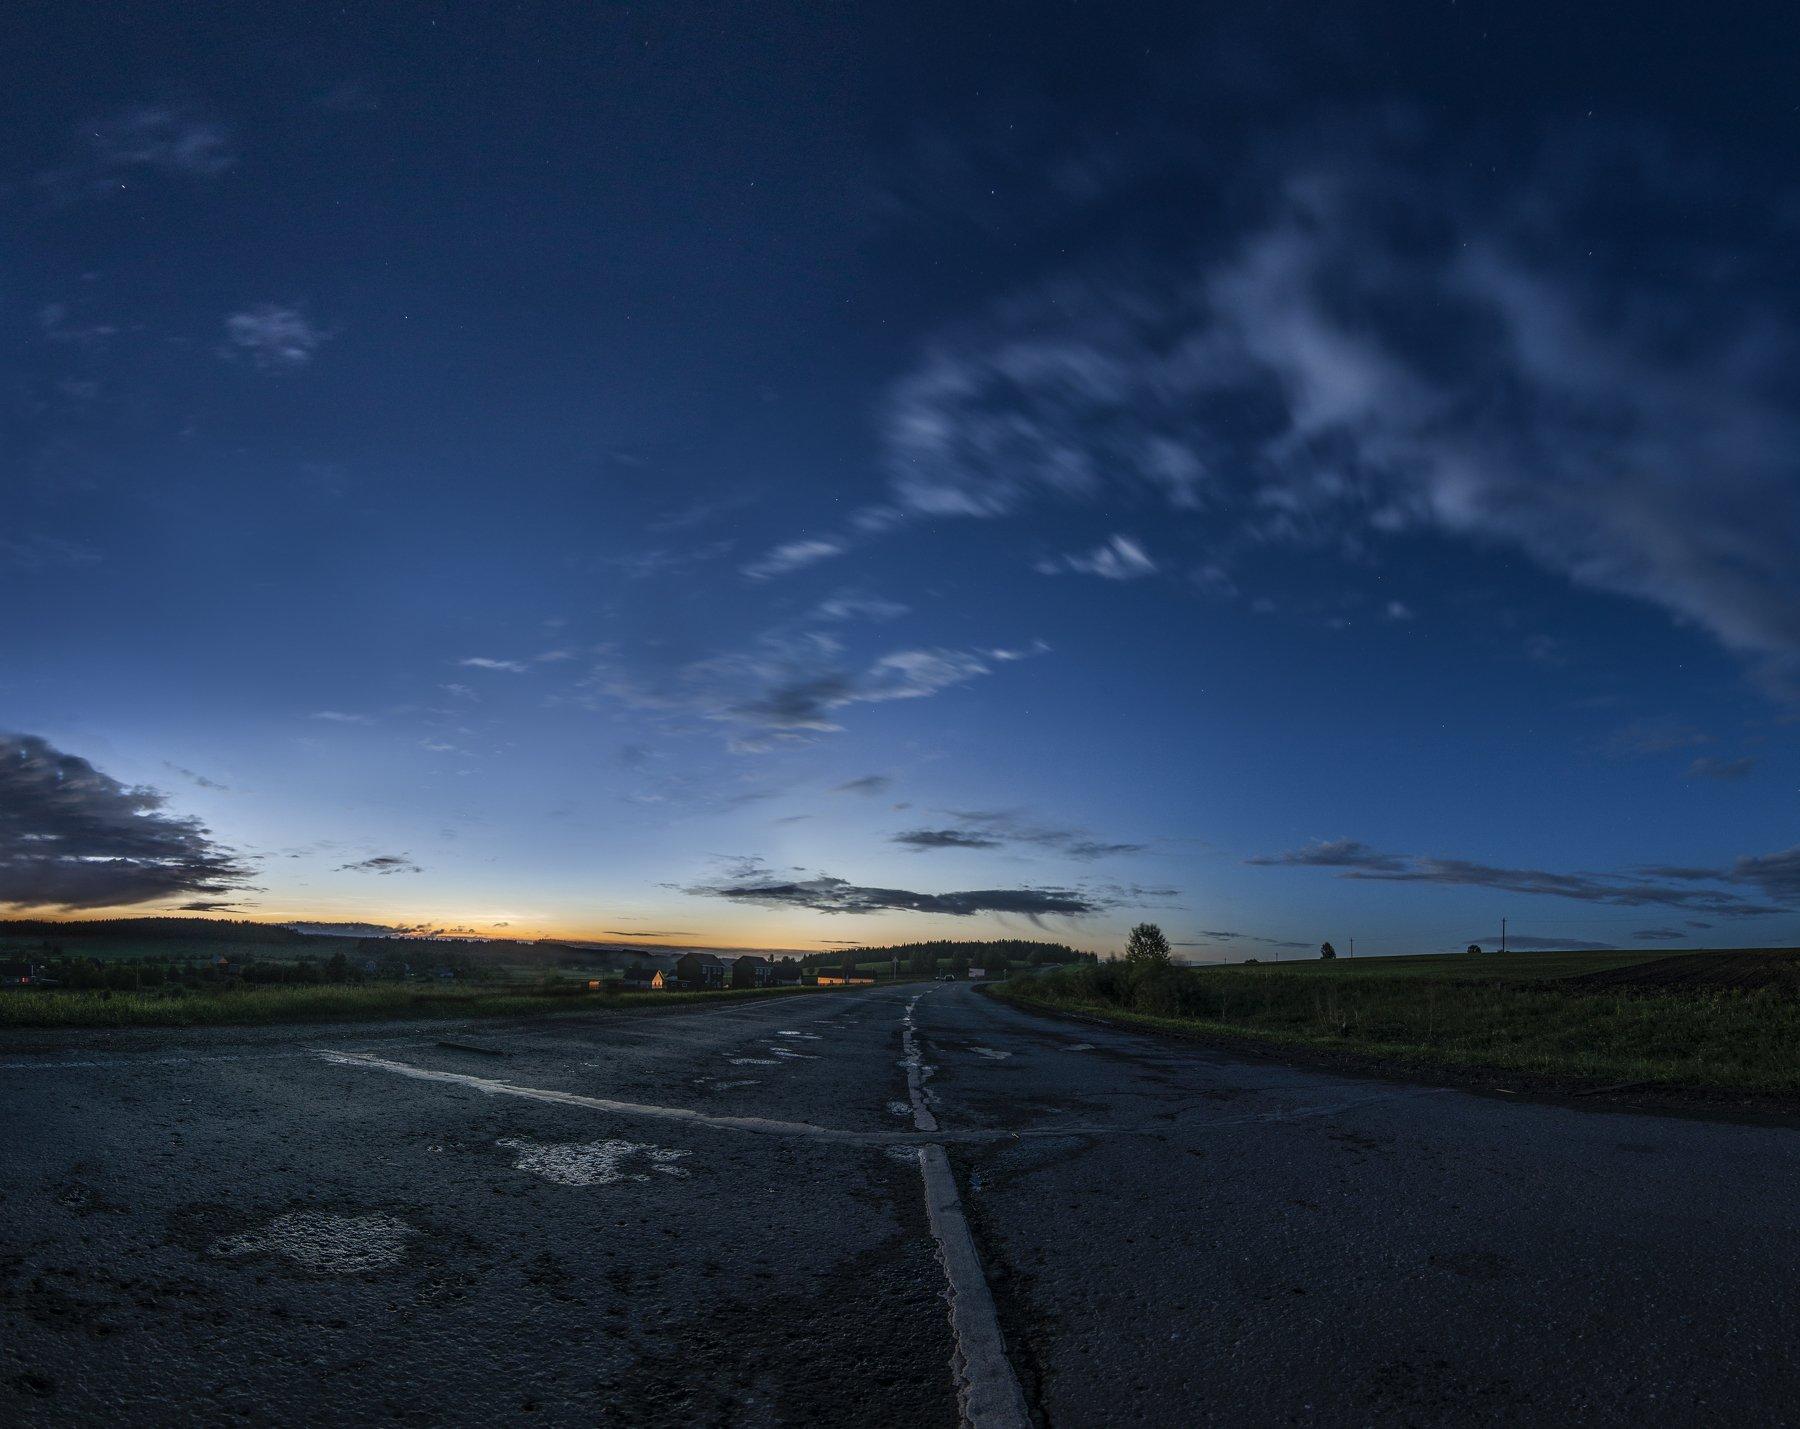 урал, пермский край, серебристые облака, Андрей Козлов